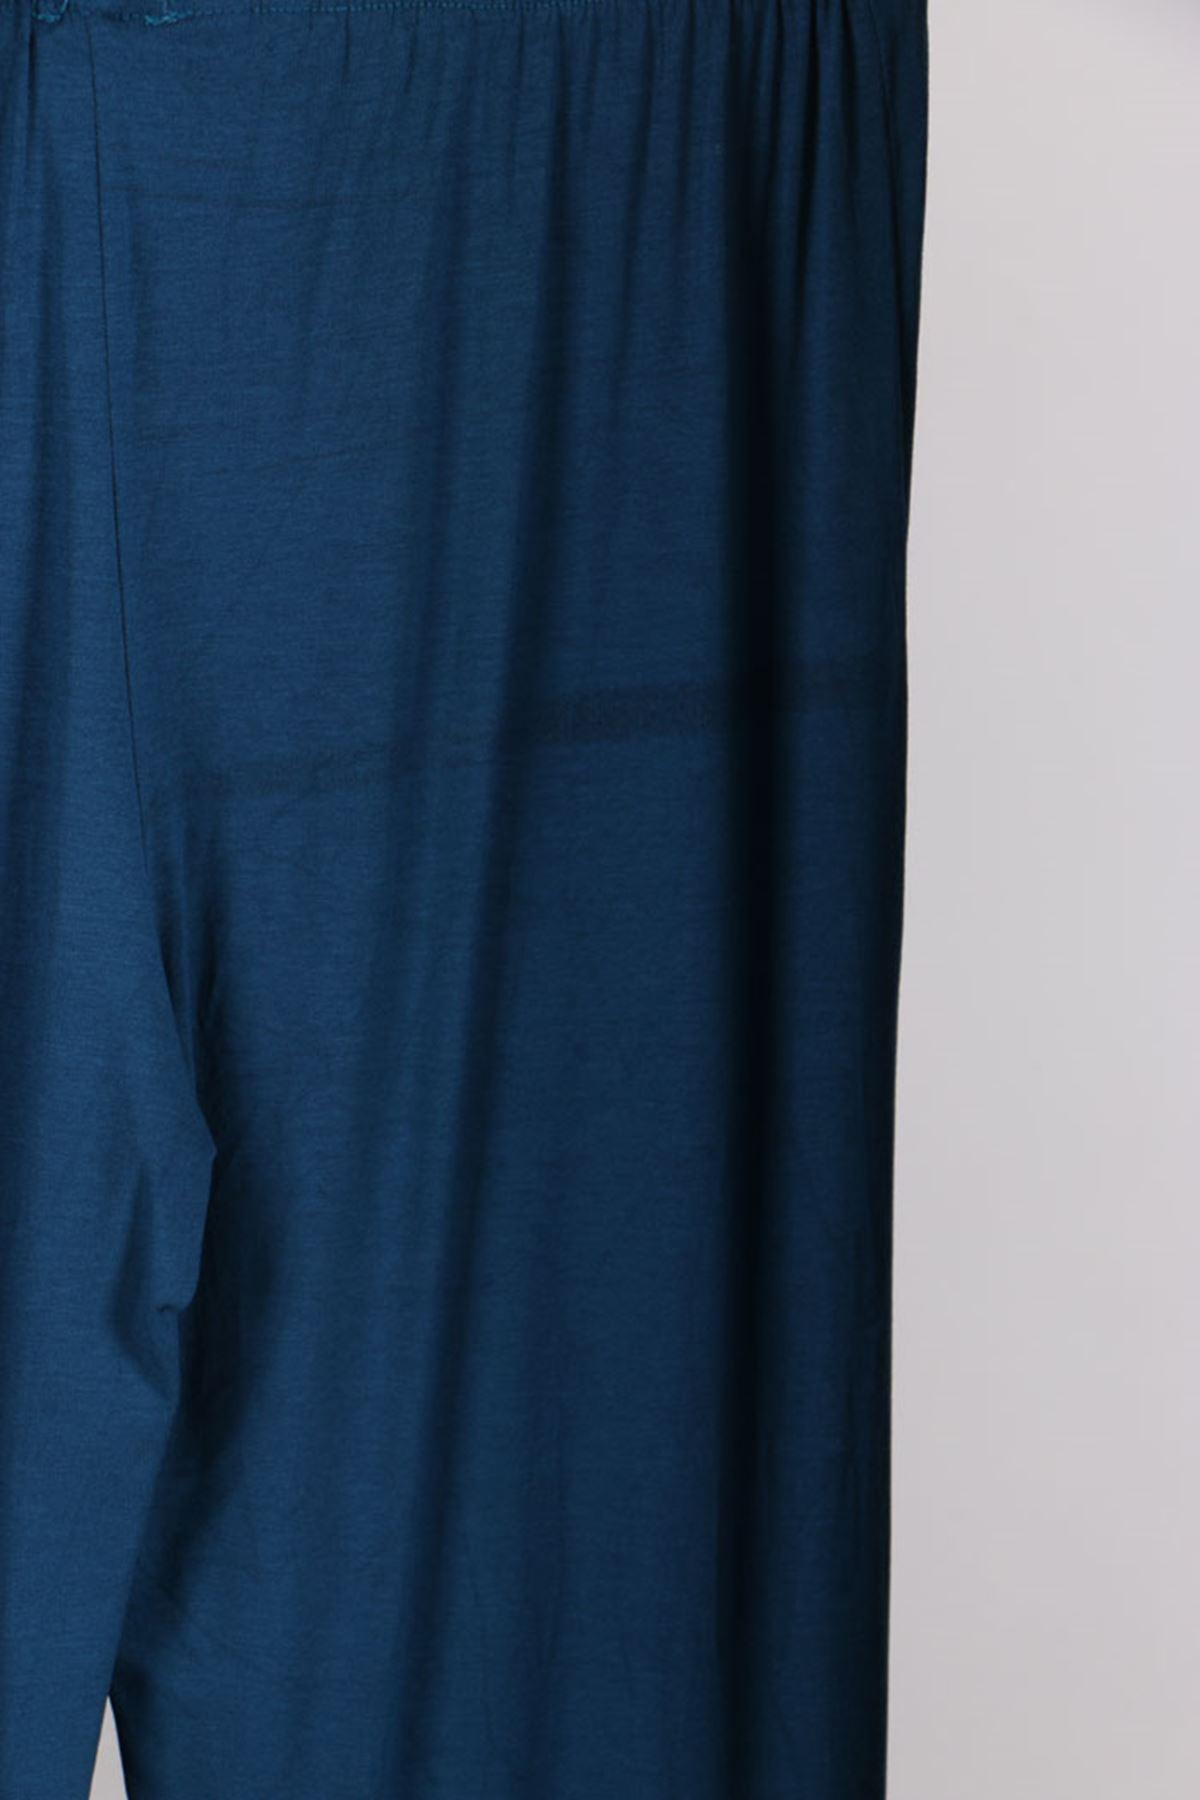 D-27598-4 Büyük Beden Pul Payetli Penye Defolu Pantolon-Petrol